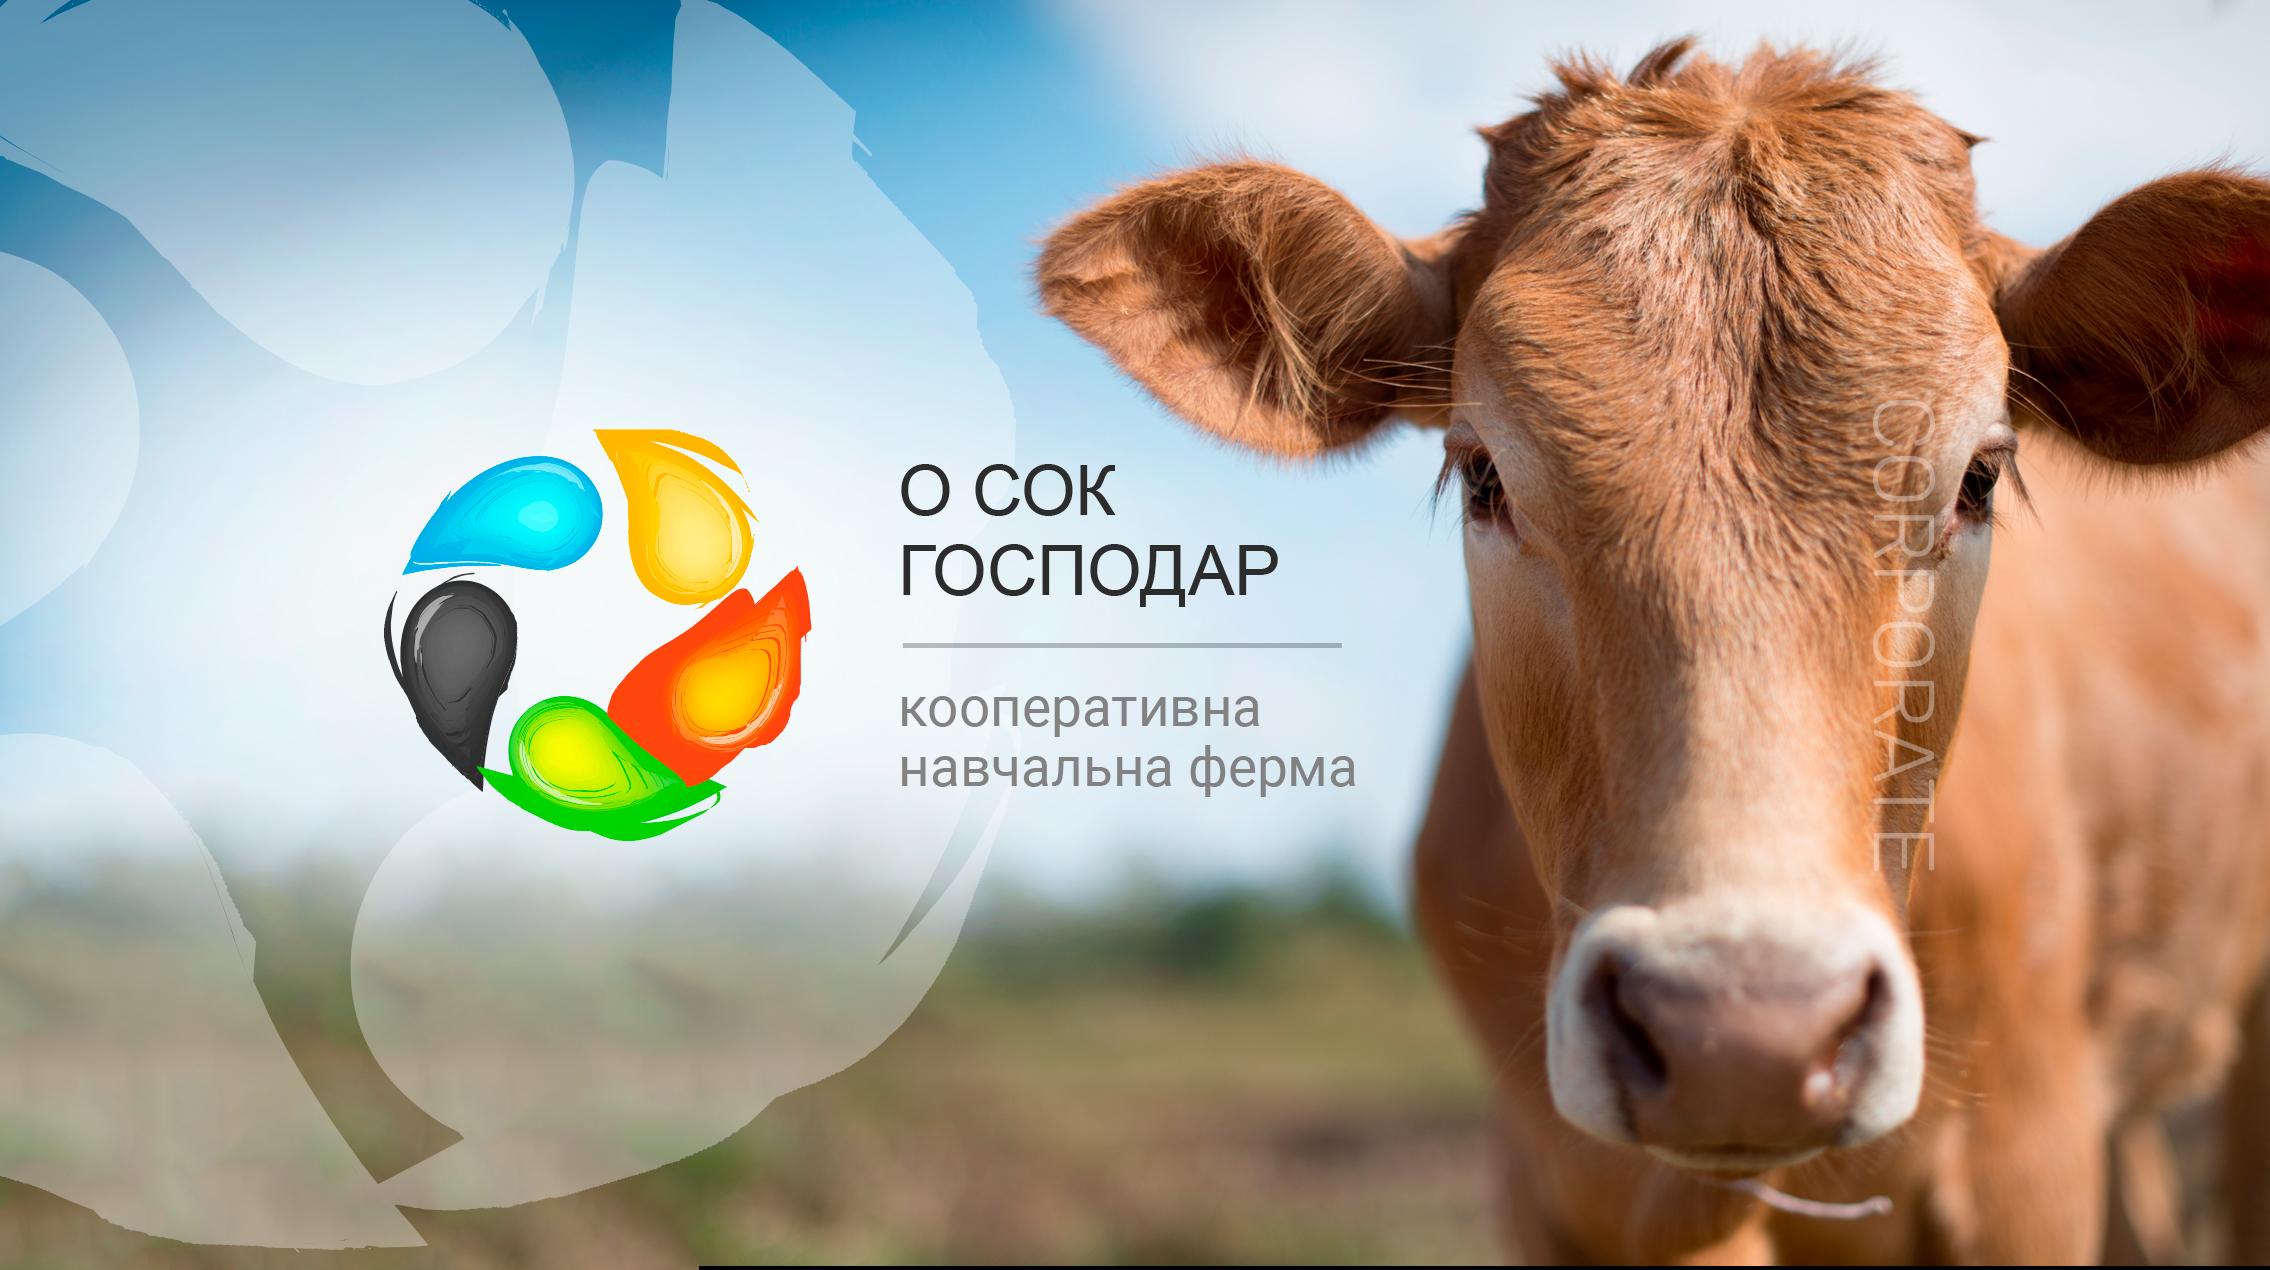 """Создание сайта для кооперативной фермы """"О СОК ГОСПОДАР"""""""